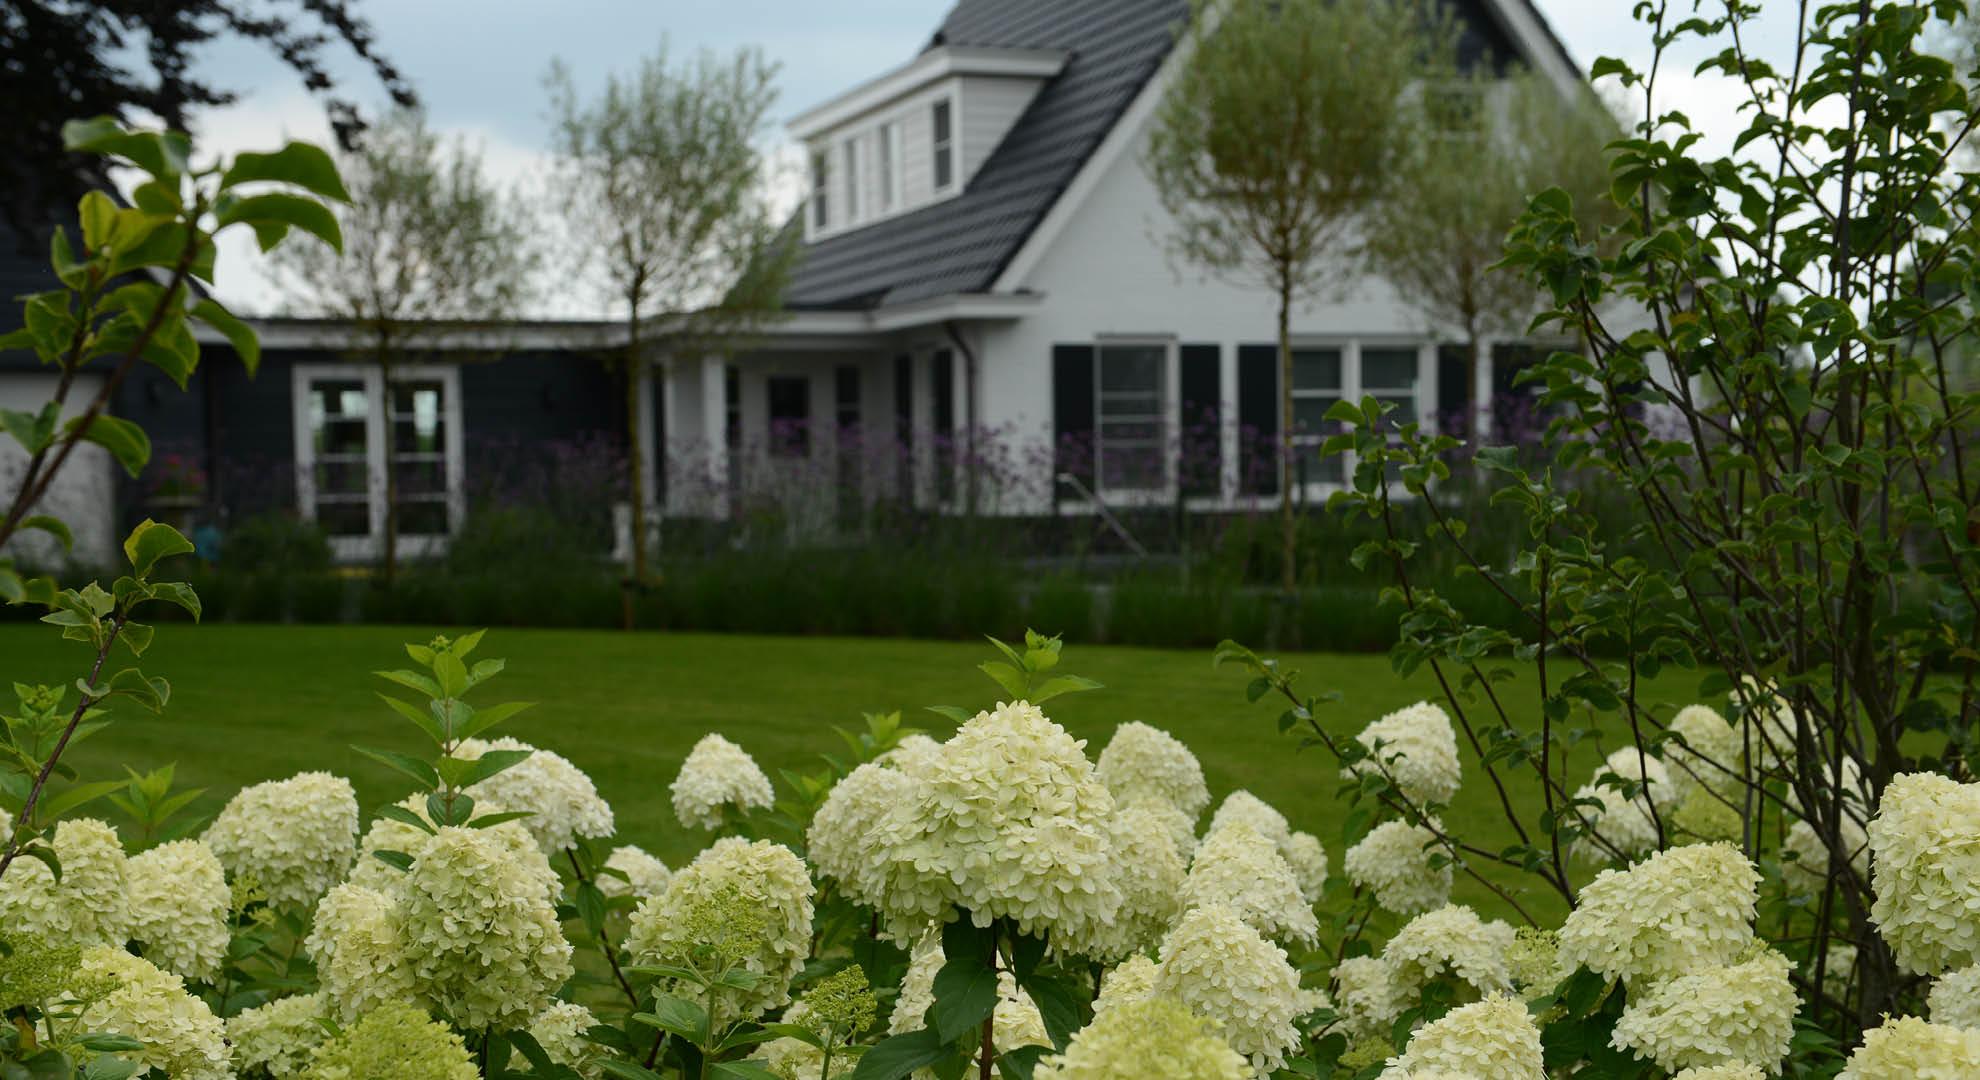 Rodenburg tuinen boerderijtuin: boerderijtuin tuininspiratie hoog